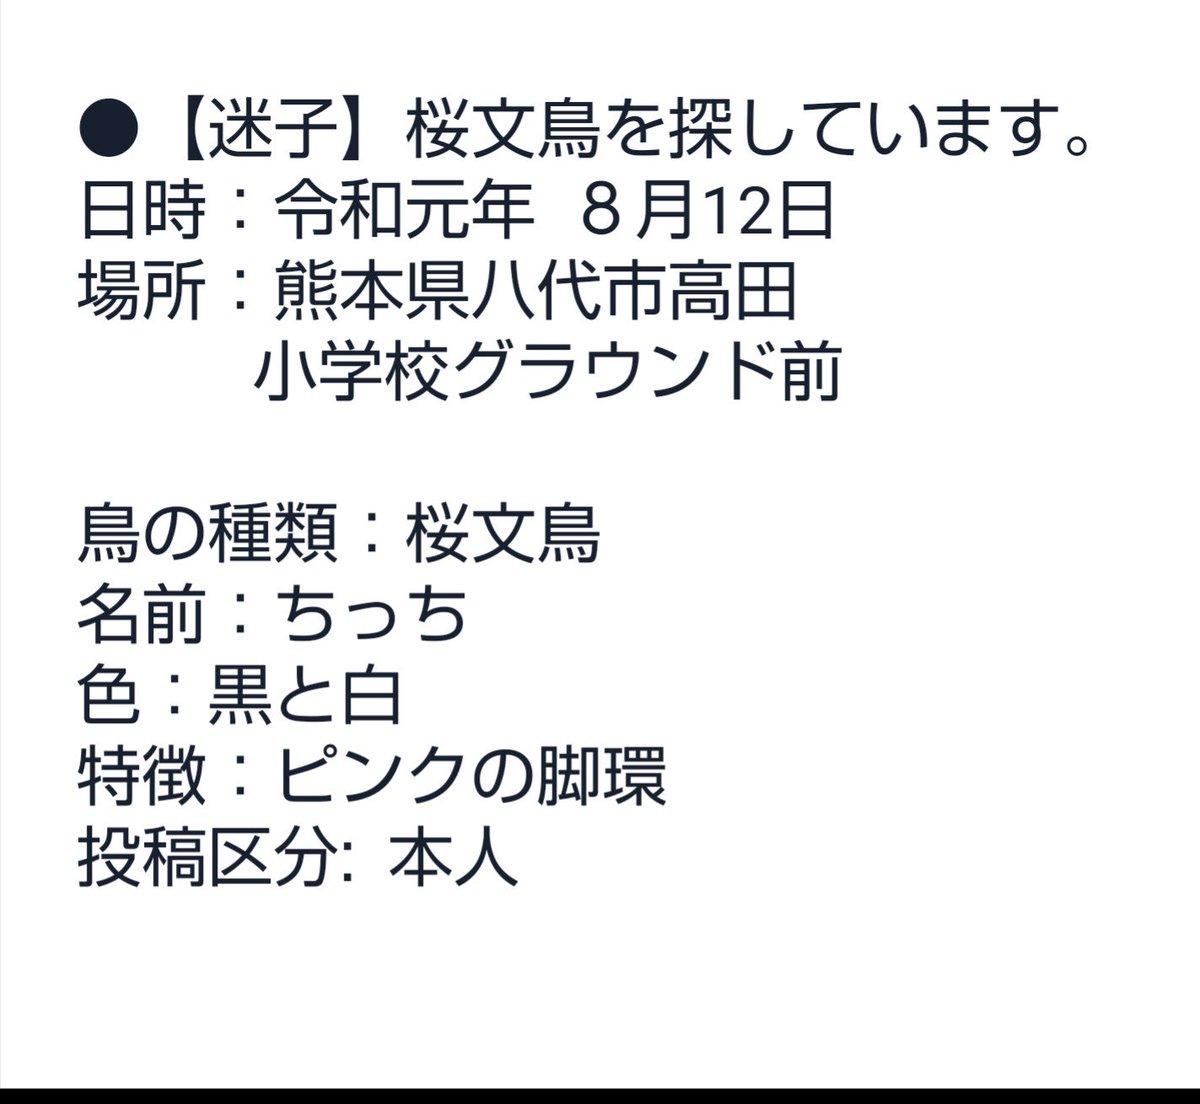 知り合いからの以来です。 拡散お願いいたします。 天気も悪く お願いいたします。 #迷子 #文鳥 #熊本 #拡散希望